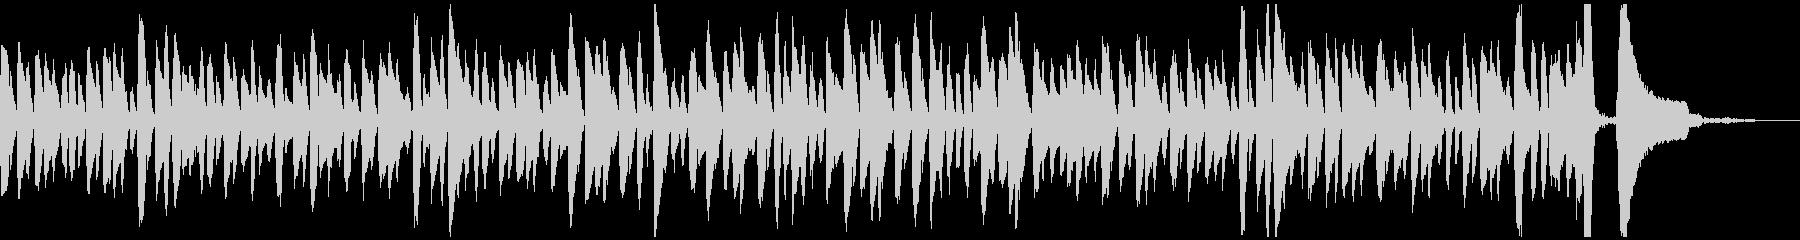 ラグタイム風の軽快なピアノソロジングルの未再生の波形